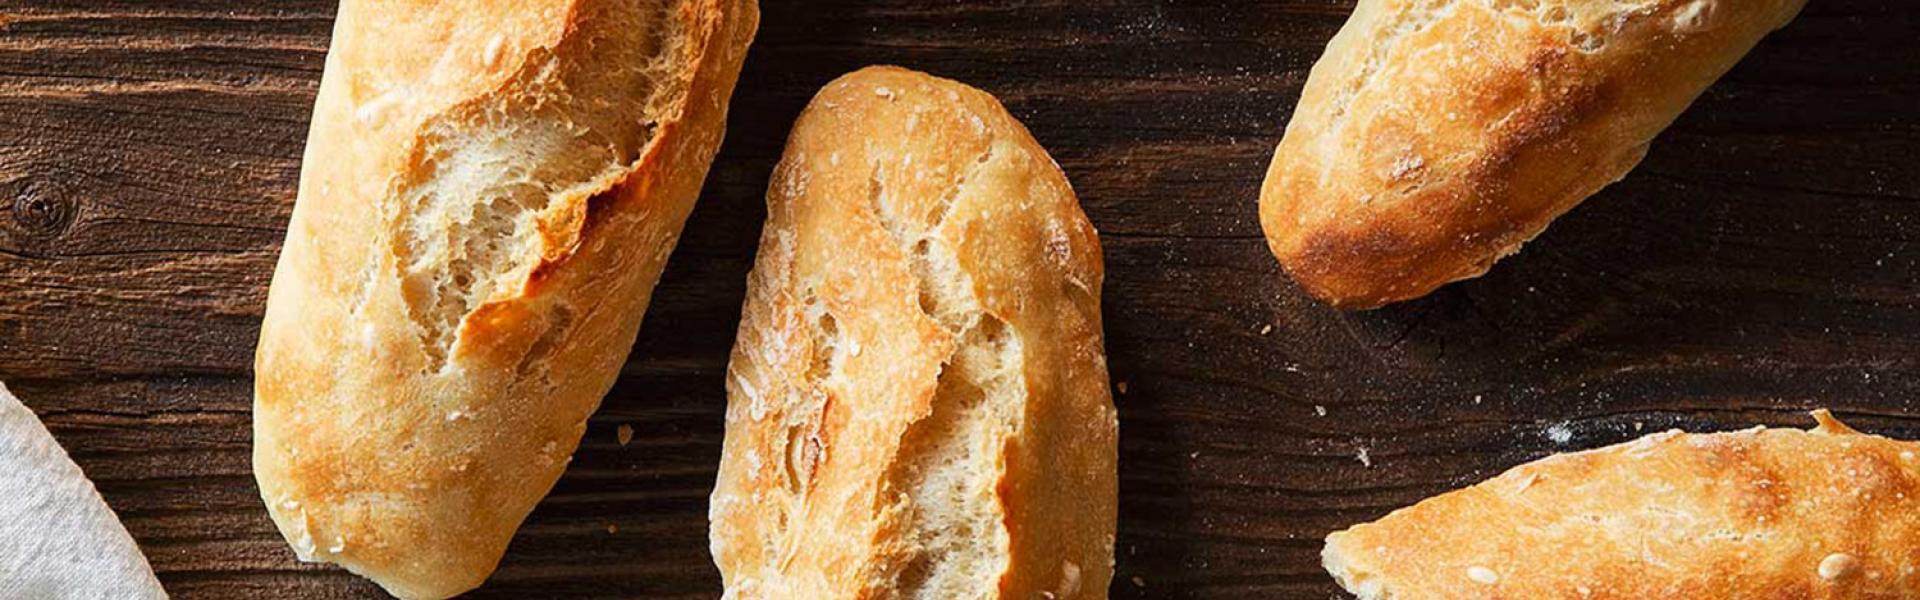 Mehrere Baguette Brötchen auf einem Holztisch.